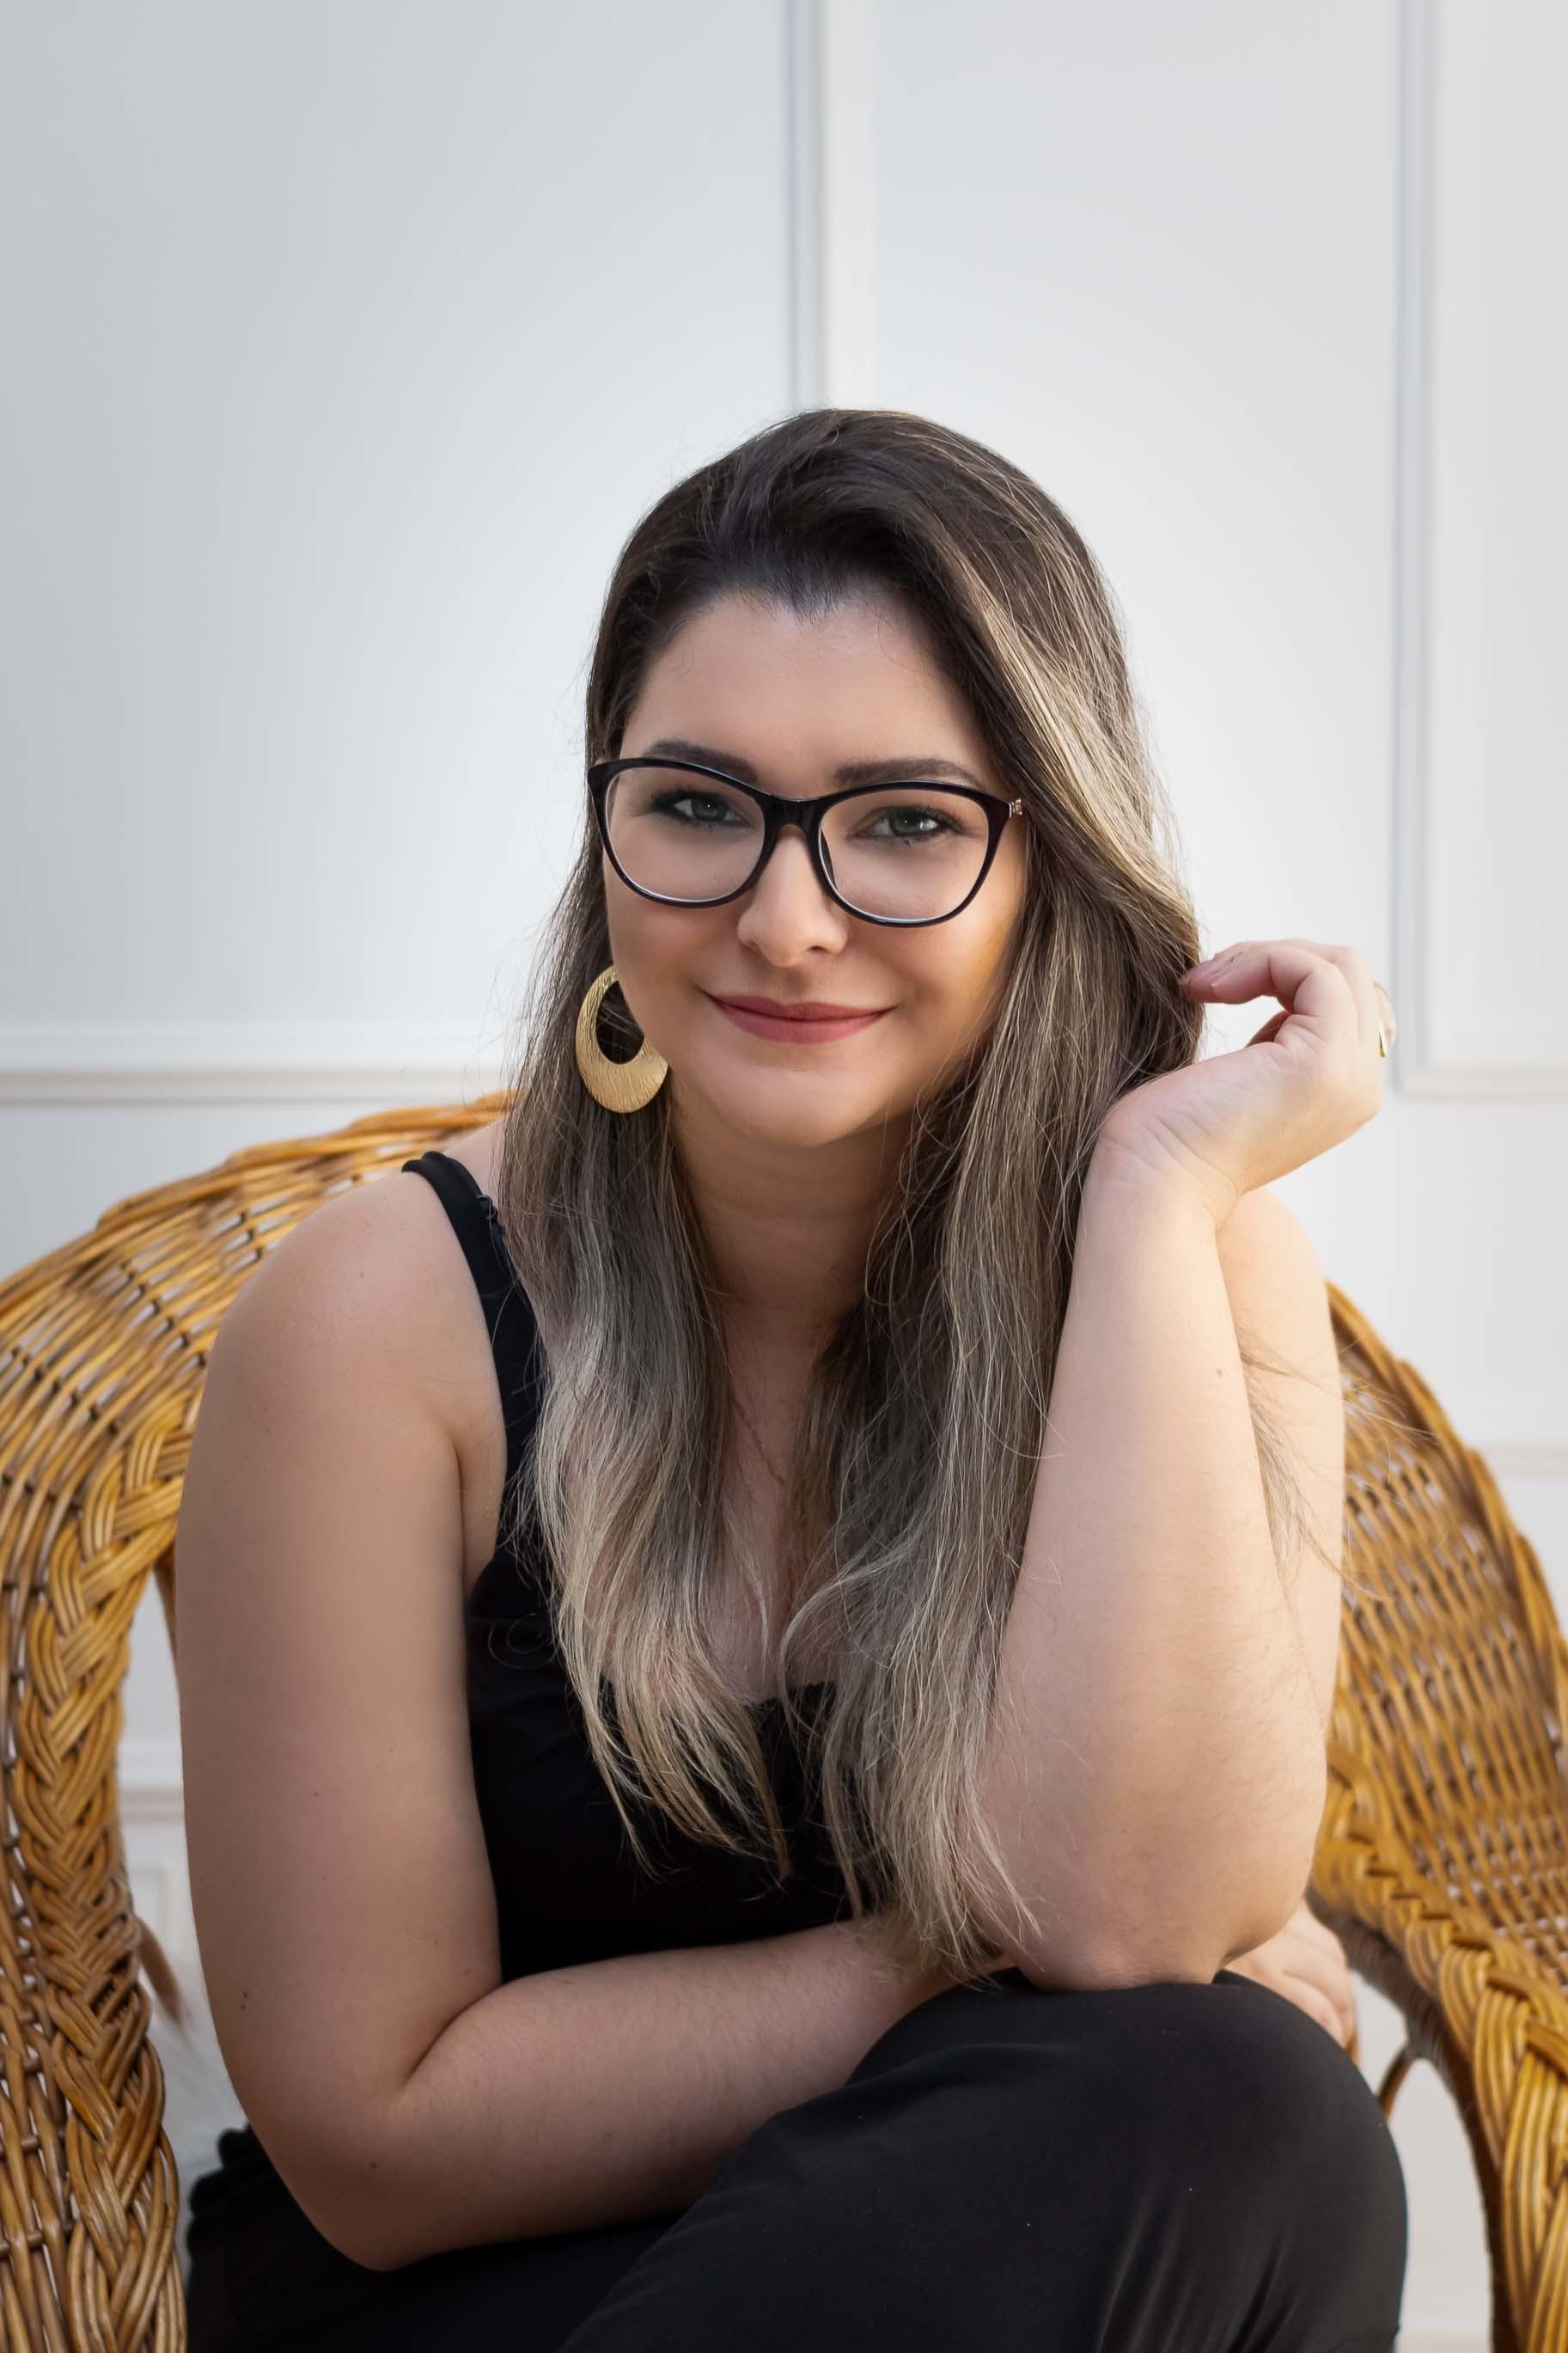 Sobre Fotógrafa de ensaios de família em londrina | Giscellayne | Gy Fotografia - Londrina - PR